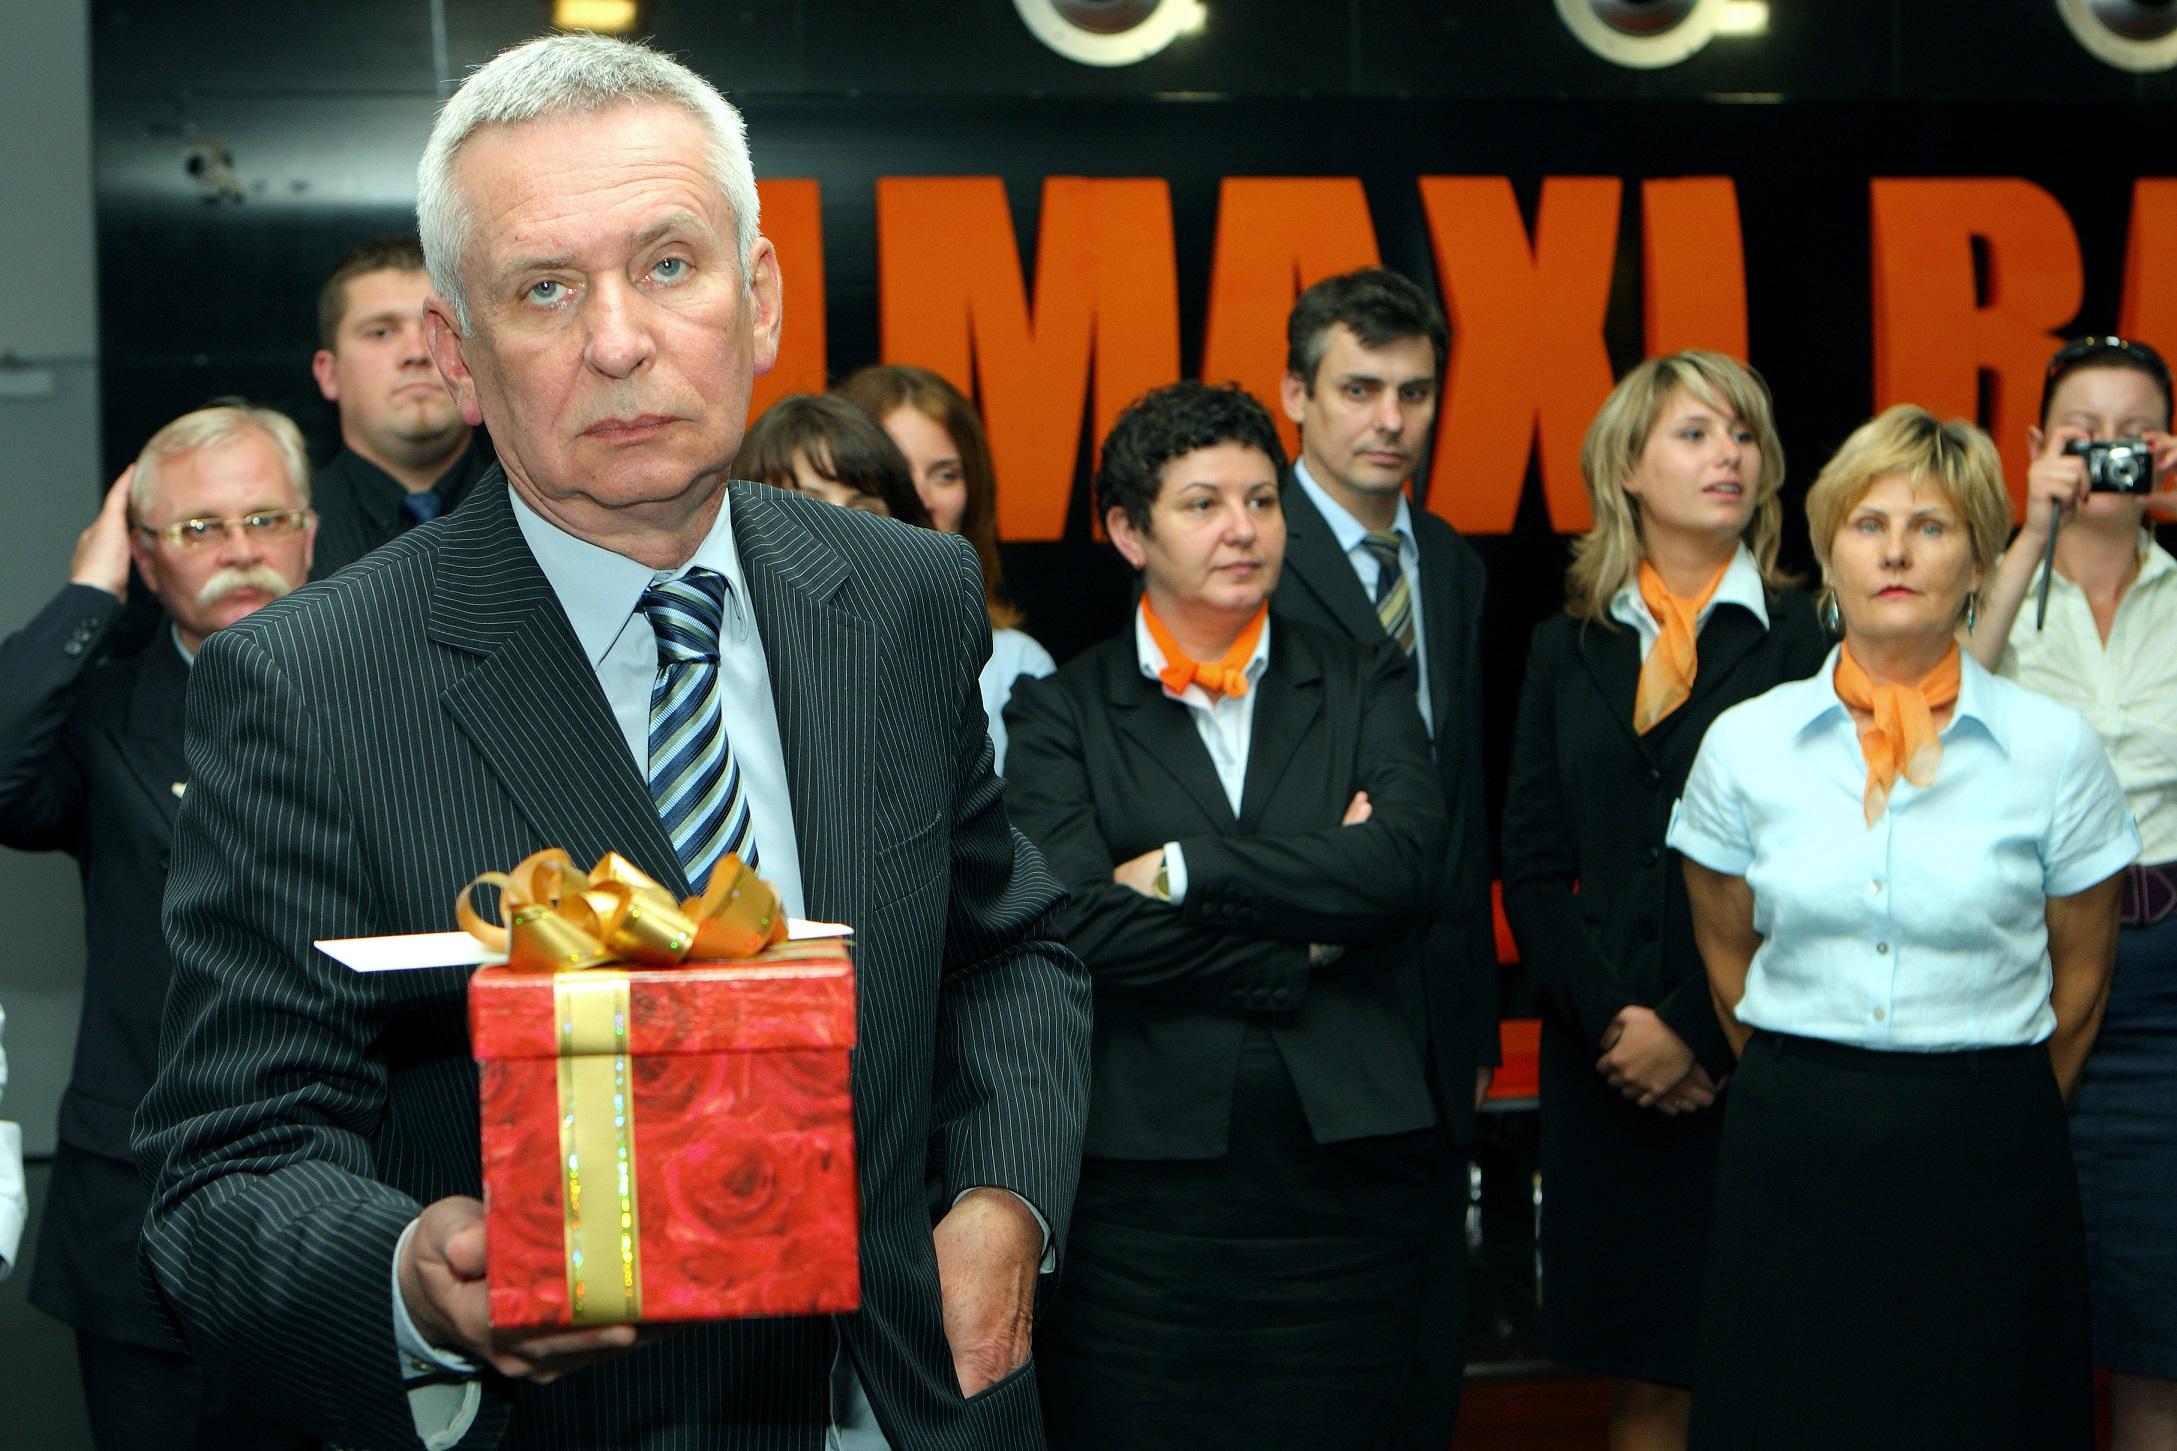 Milion dolarów – w Drugi Dzień Świąt w ITVN